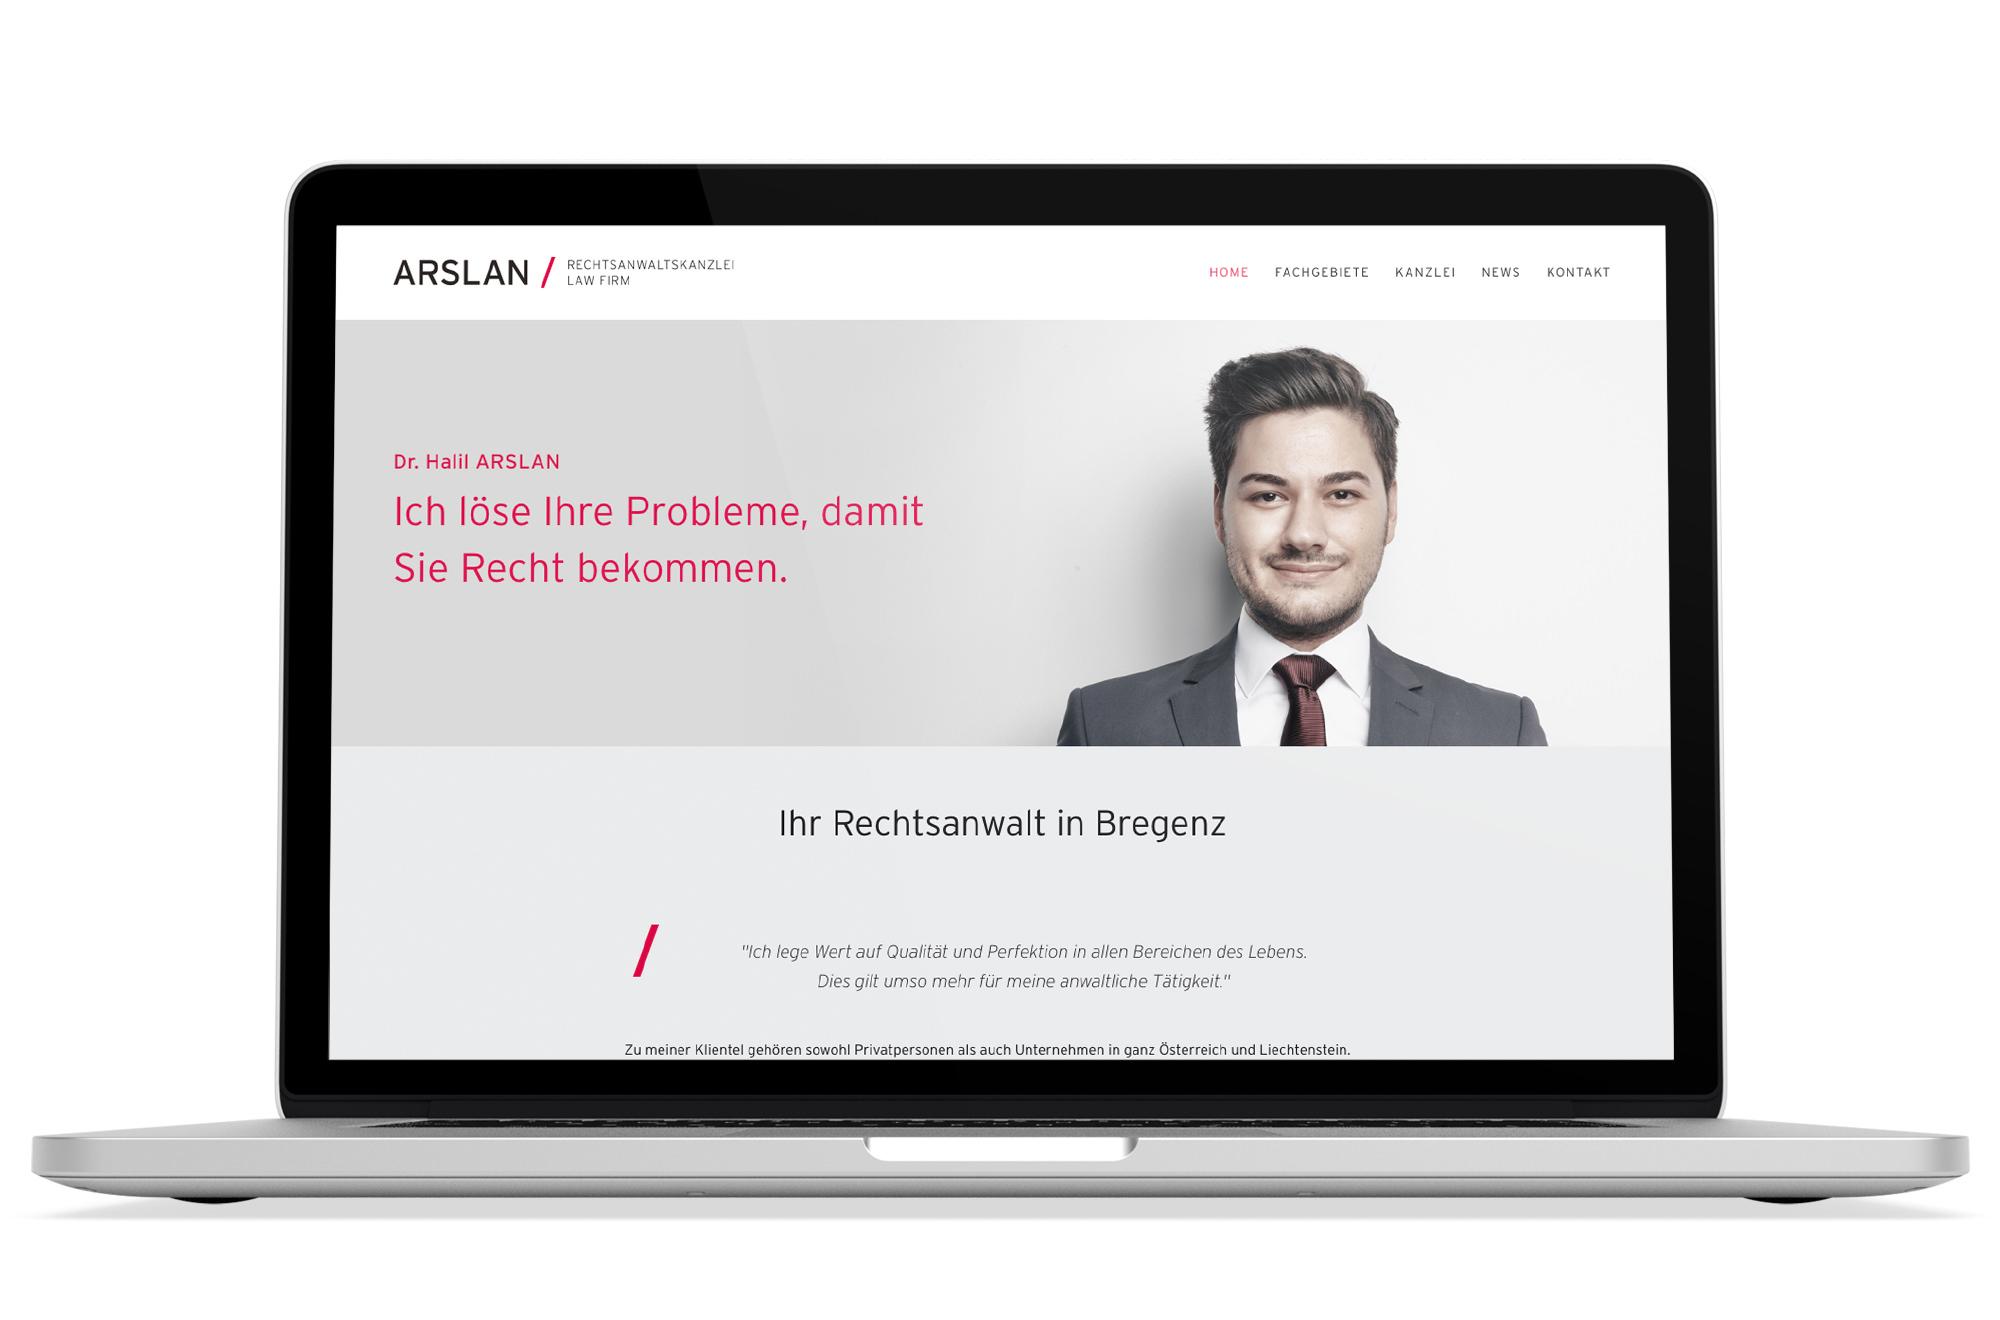 Webdesign Beispiel: Logodesign, Corporate Design, Responsive Webdesign, WordPress für Anwalt - Anwaltskanzlei